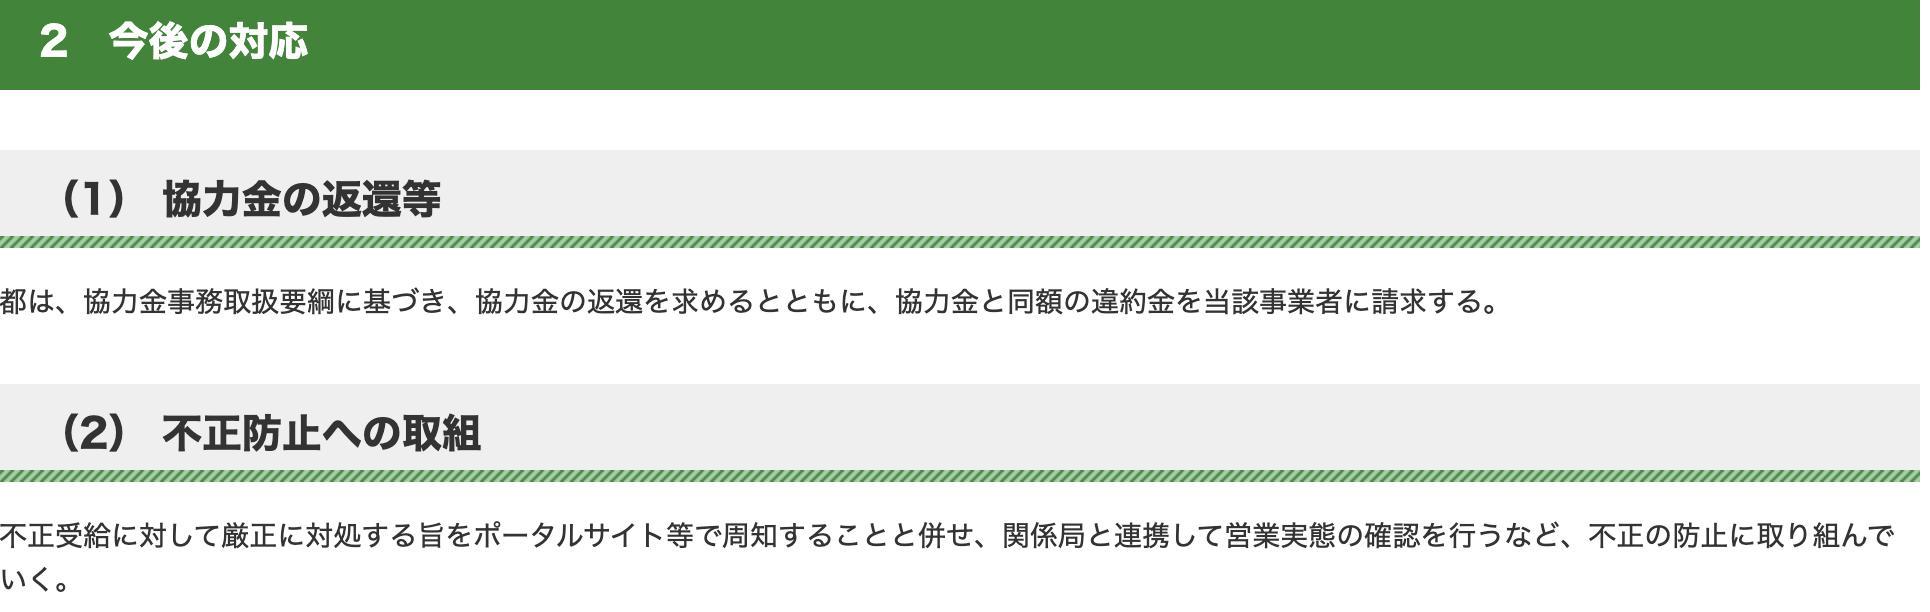 スクリーンショット 2021 06 28 20.25.24 - 【閉店】カゲロウ恵比寿(KAGEROU ebisu/トミーがオーナー)に協力金不正受給疑惑!違反した場合どのような罰則があるのか